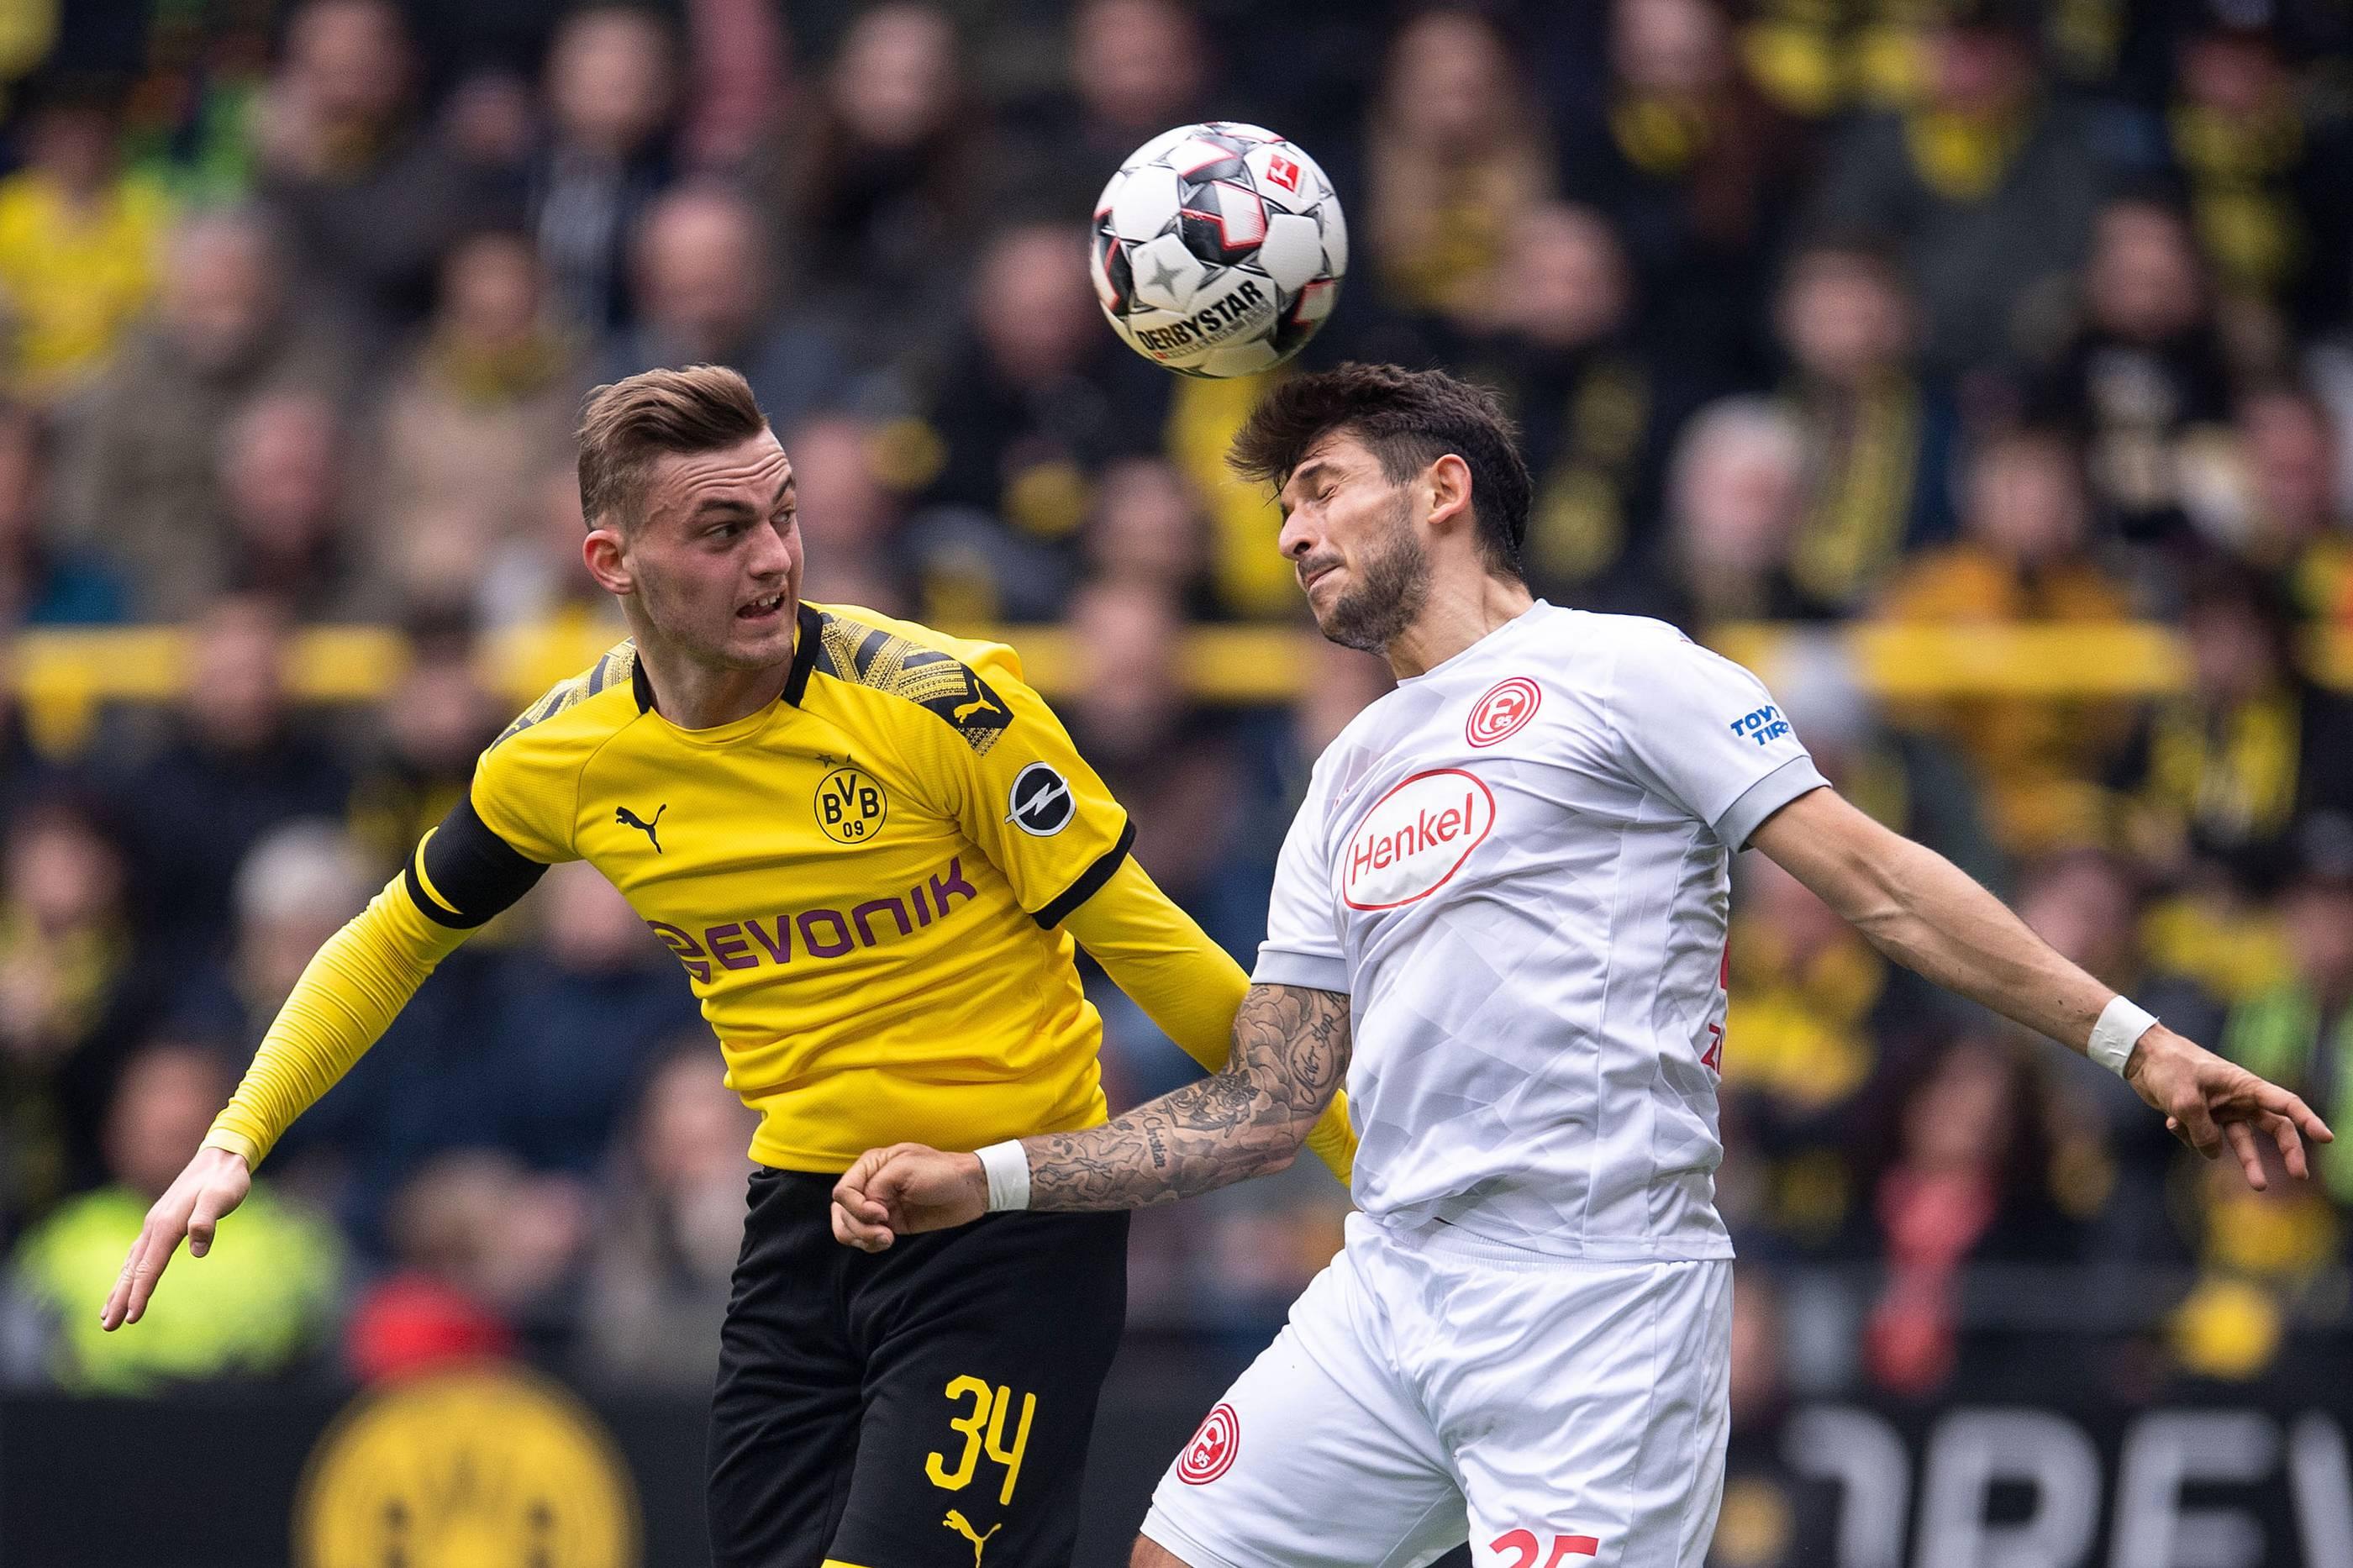 Fortuna Gegen Dortmund